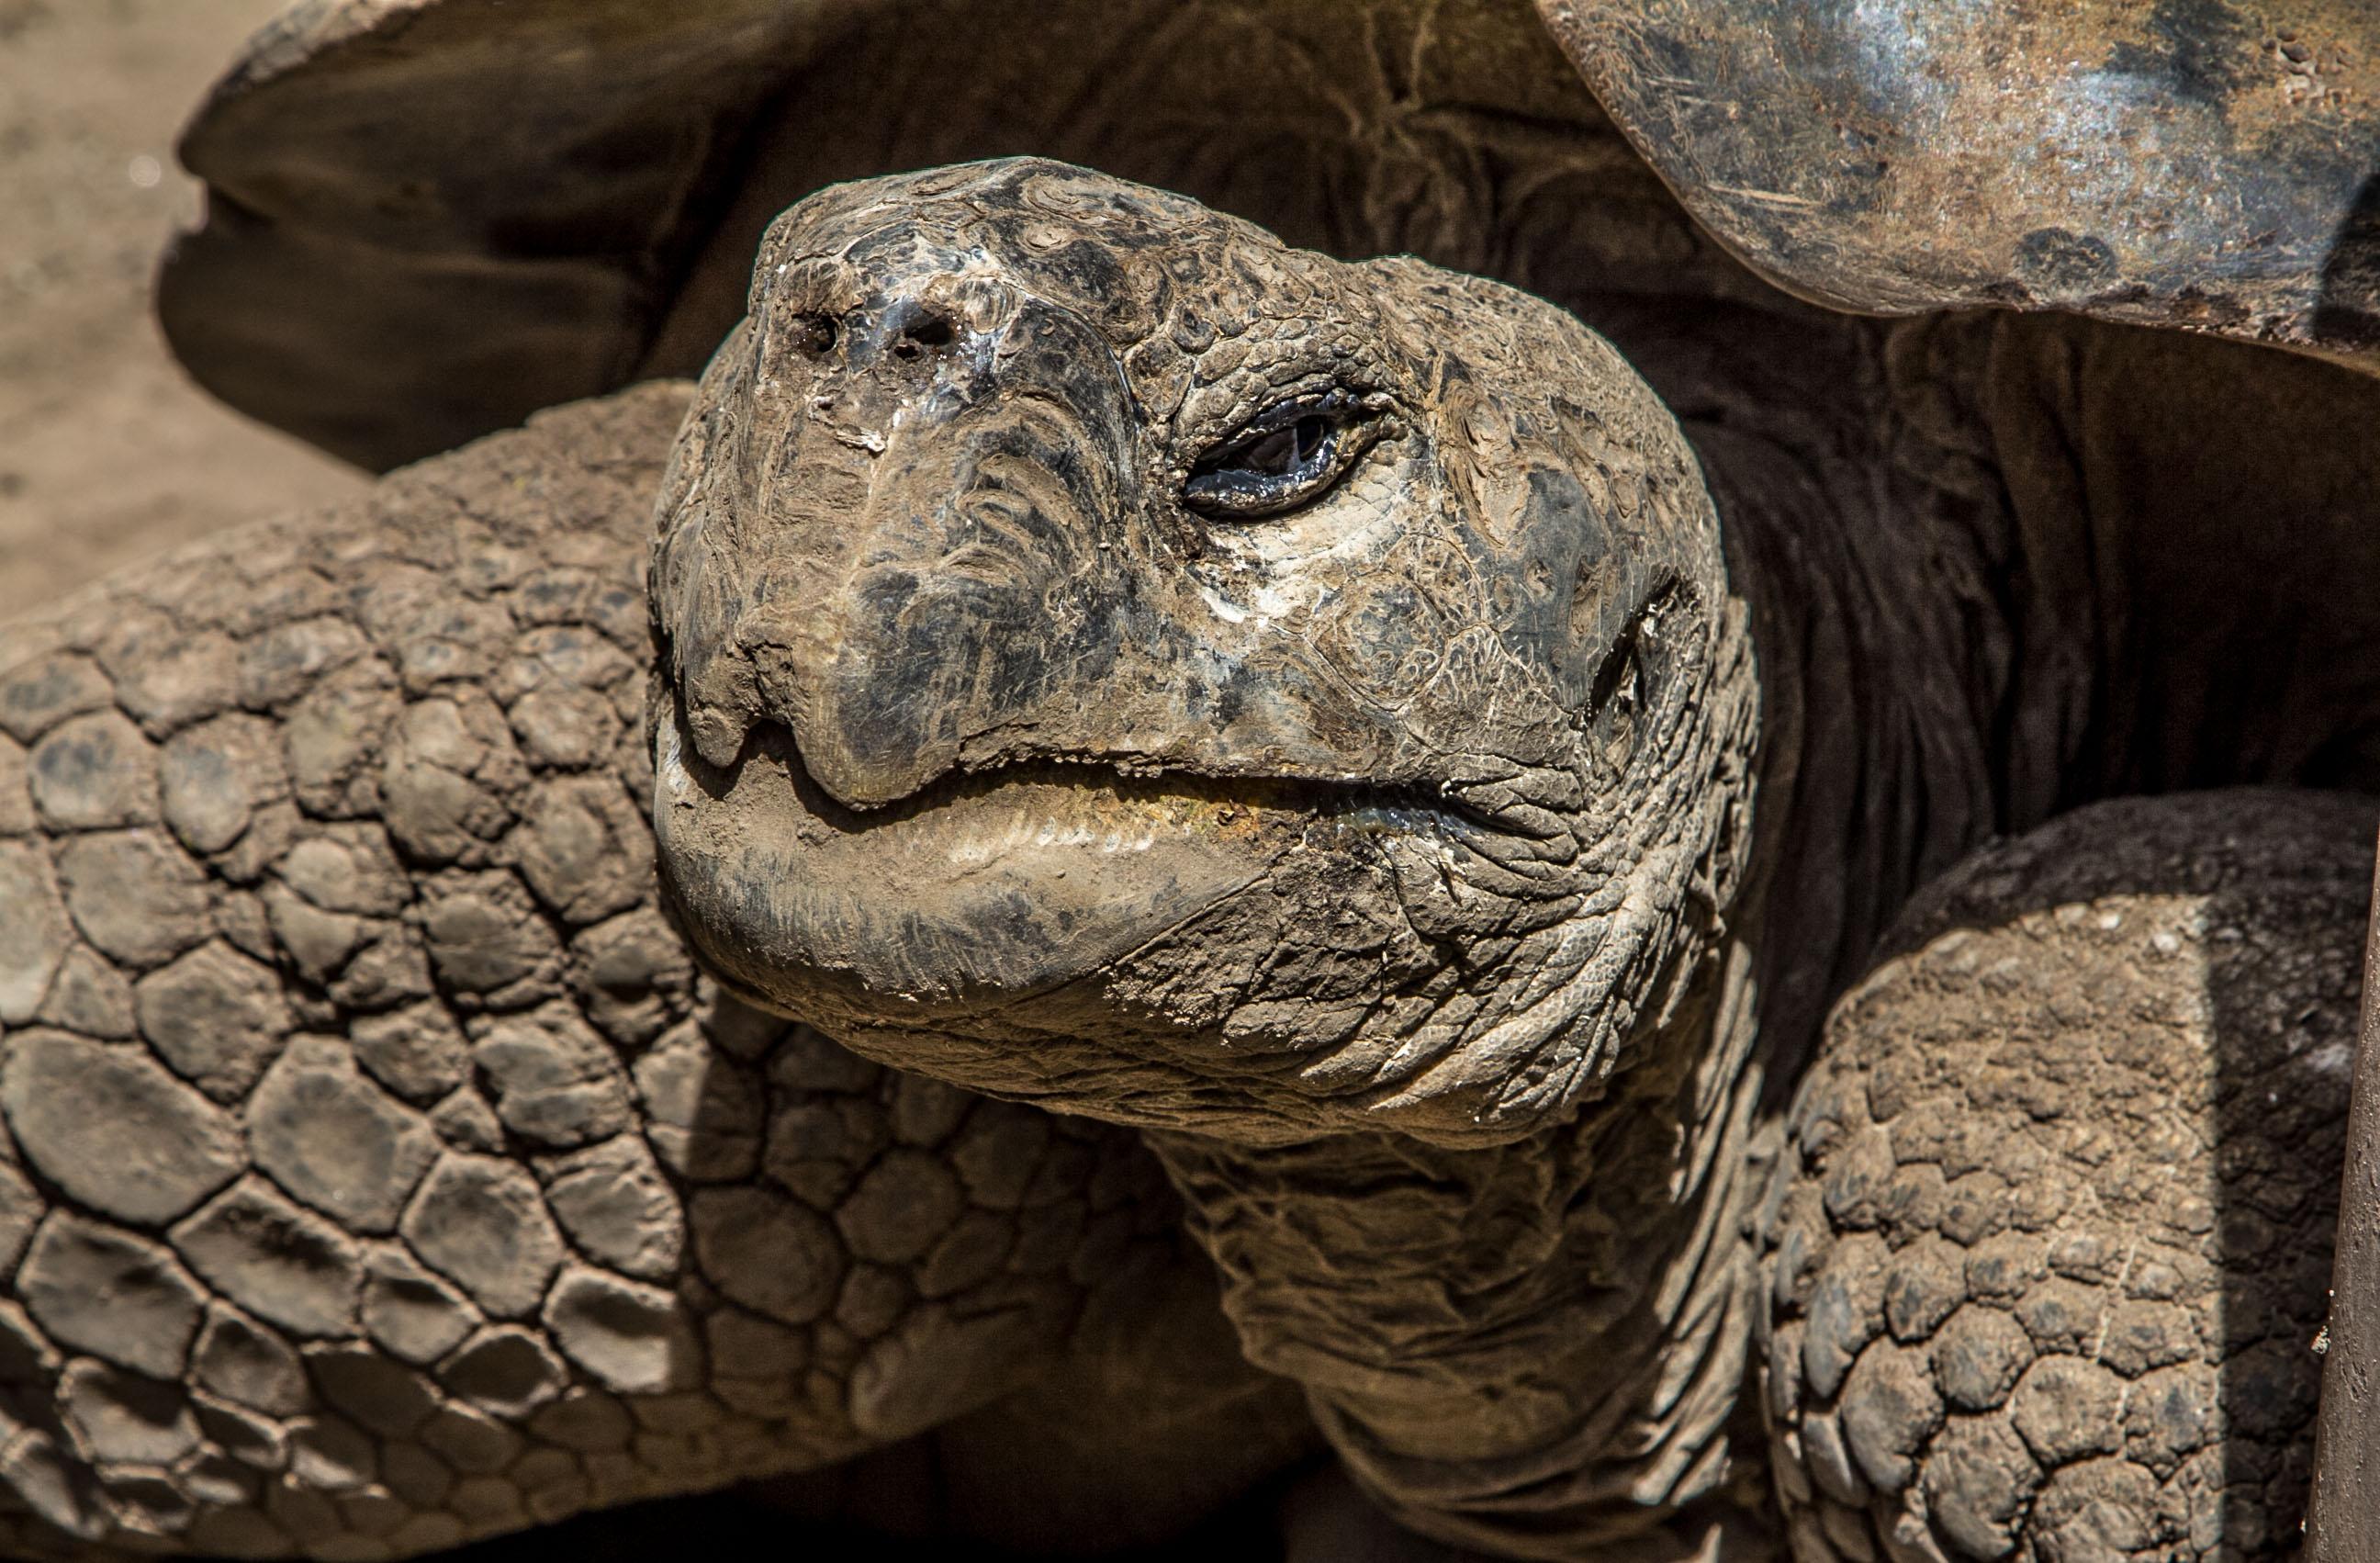 Este galápago forma parte de un zoológico de nueva concepción ubicado en Ecuador. Todas las especies son rescatadas de situaciones de caza ilegal, tráfico o accidentes (Foto: Alejandro Ramírez Anderson)